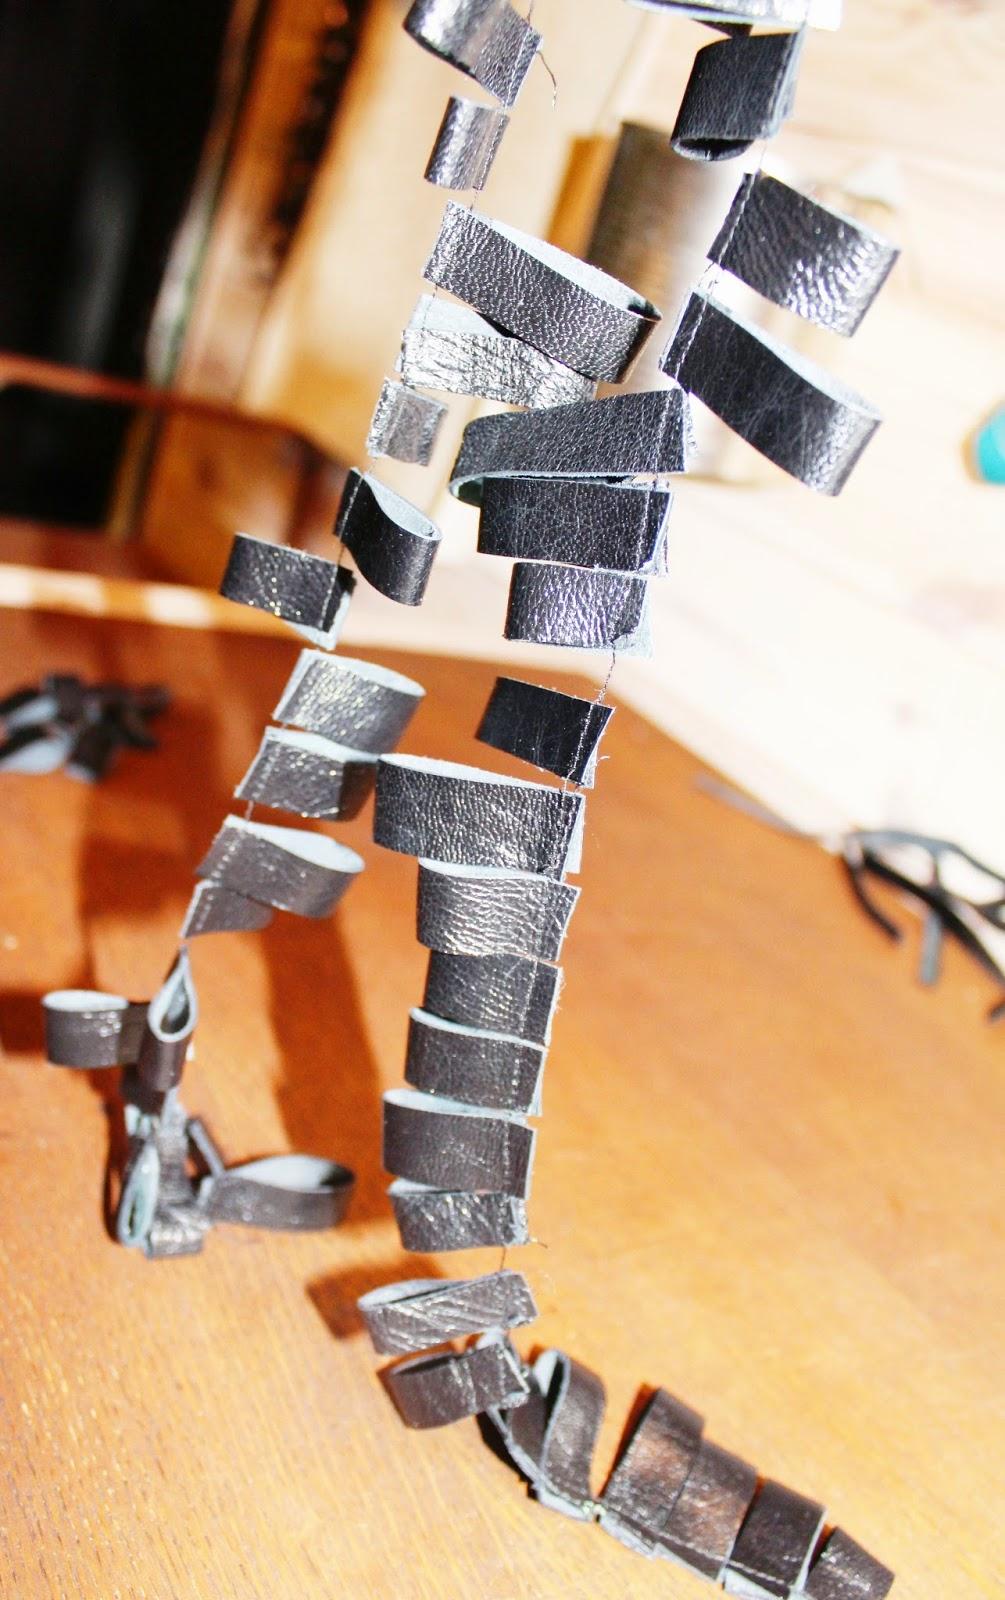 szycie skóry,jak zrobić bransoletkę skórzaną DIT krok po kroku jak zrobić,designerska biżuteria,recykling biżuteria,naszyjnik z recyklingu,bransoletka DIY,blog pasje DIY